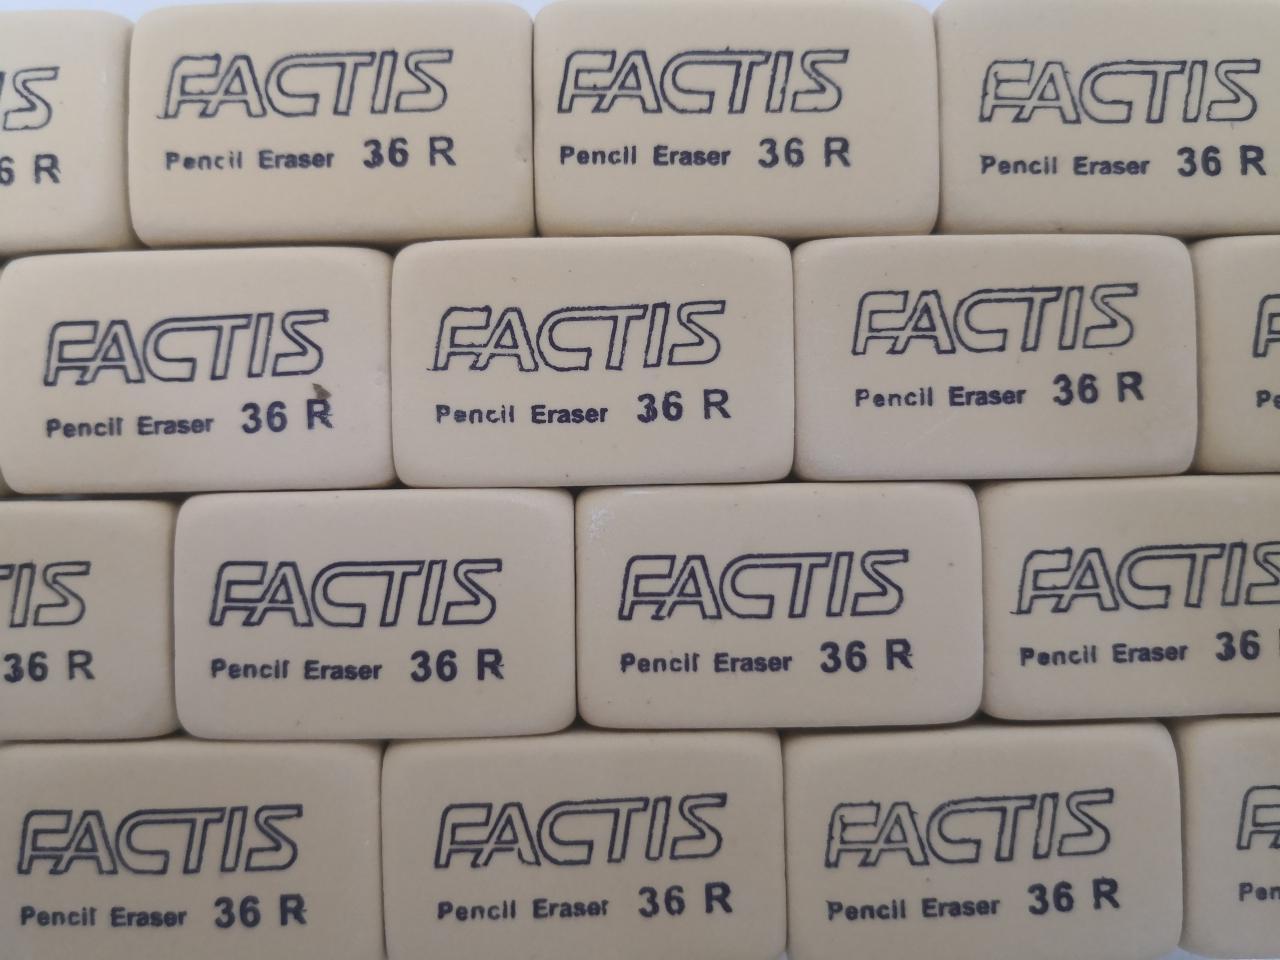 پکیج پاک کن های FACTIS